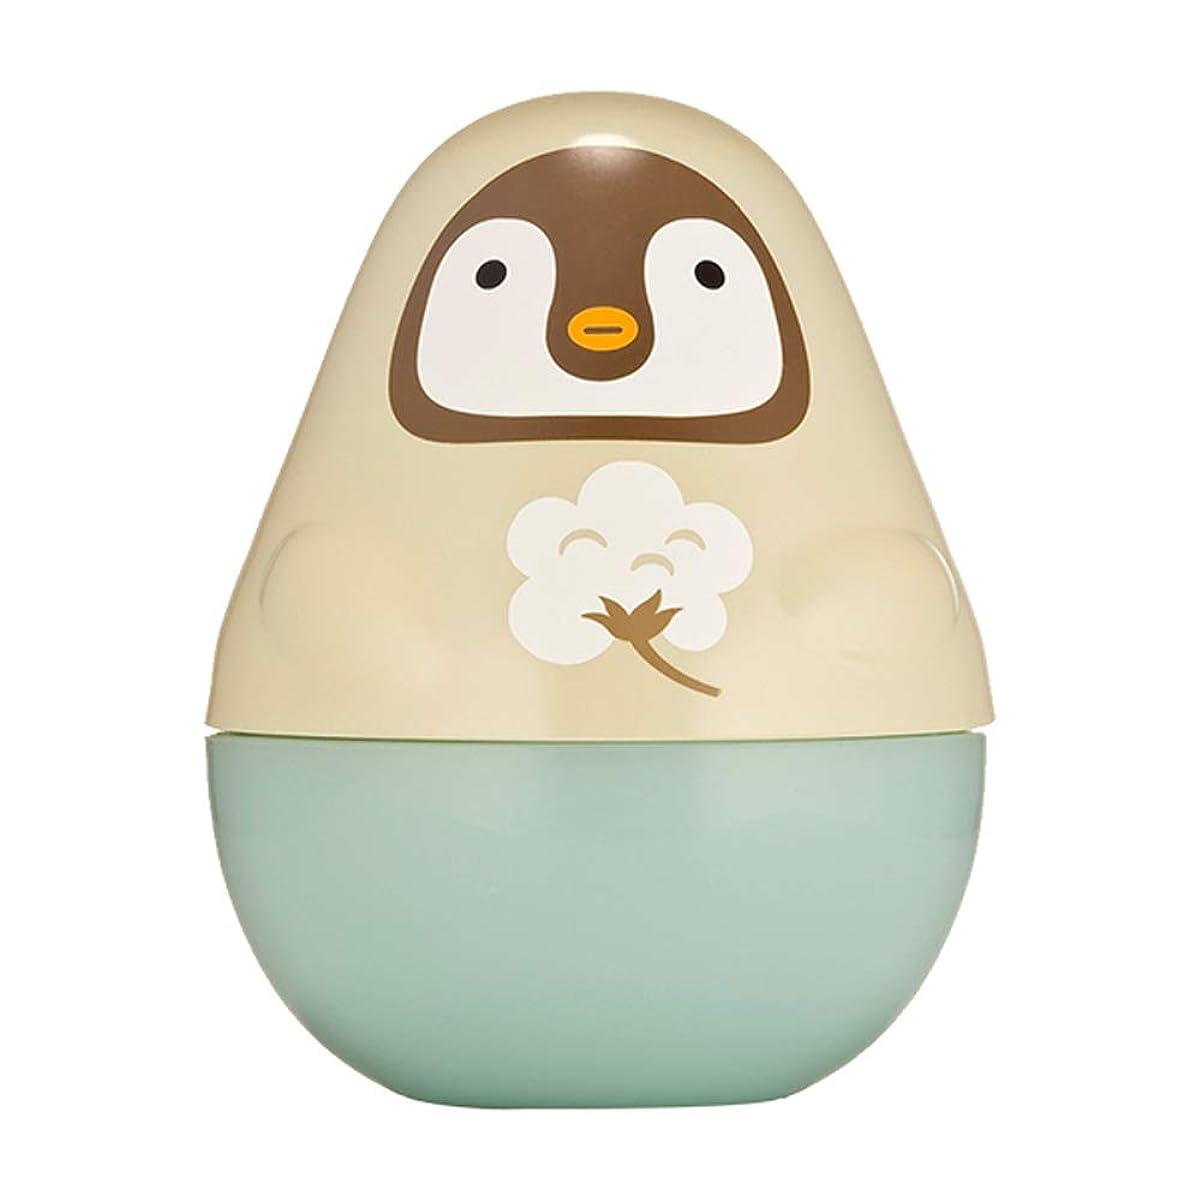 ボウリングマカダムどう?エチュードハウス(ETUDE HOUSE) ミッシングユー ハンドクリーム ペンギン(ベビーパウダーの香り)